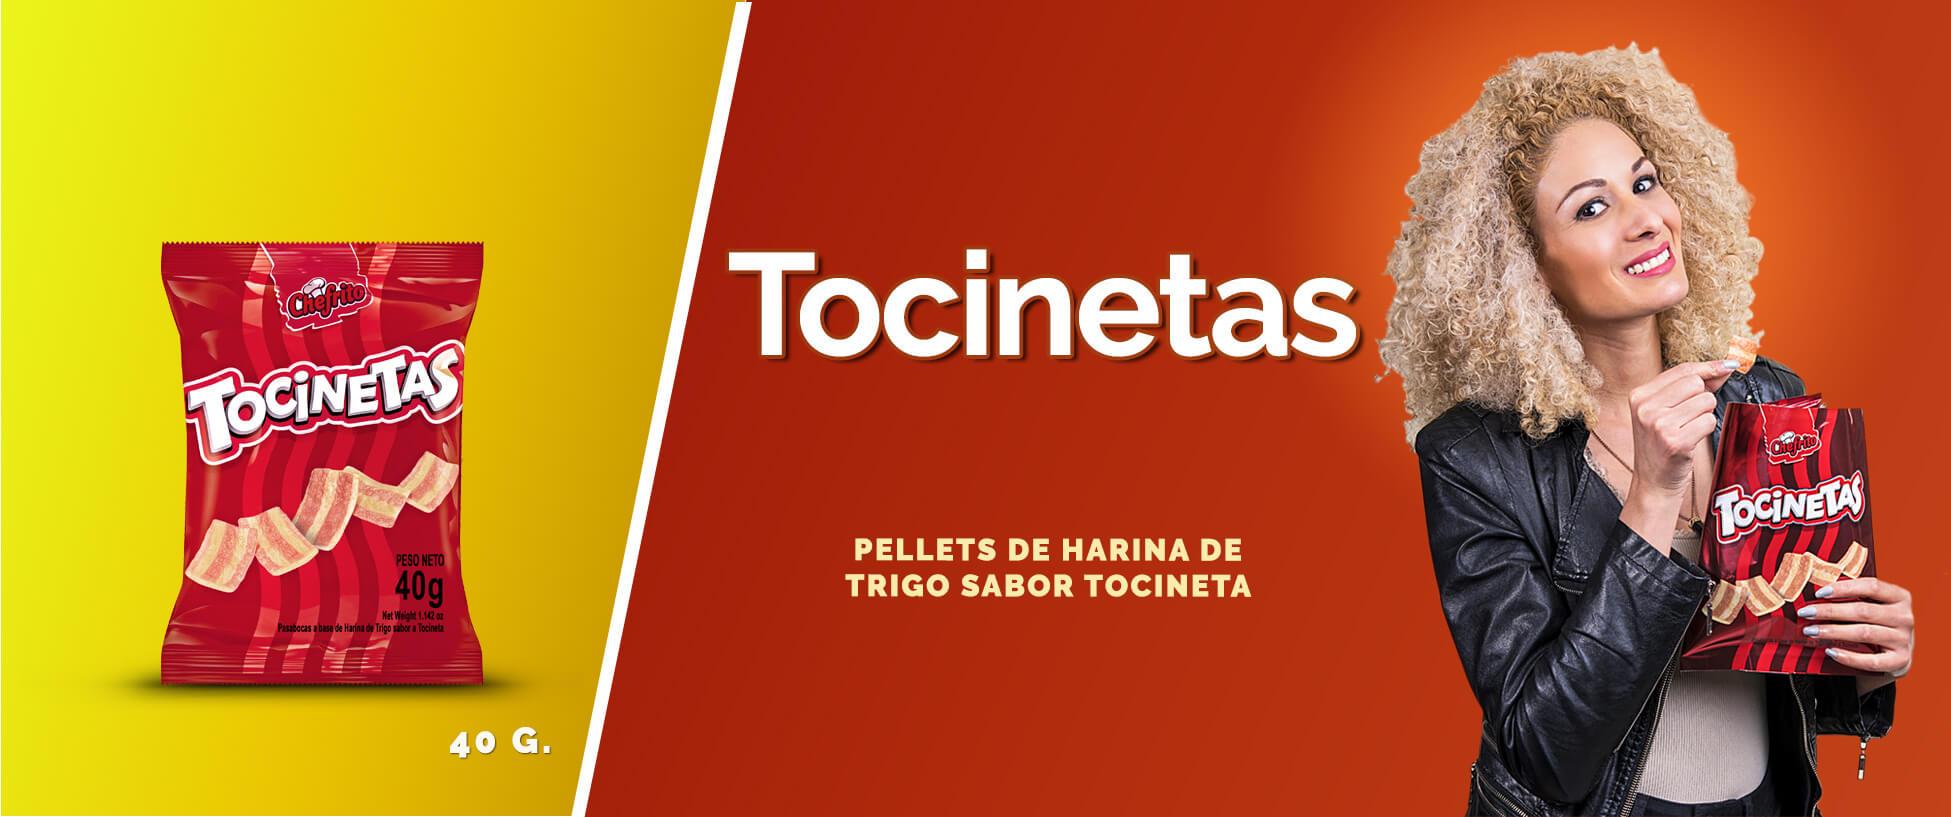 Tocinetas 2